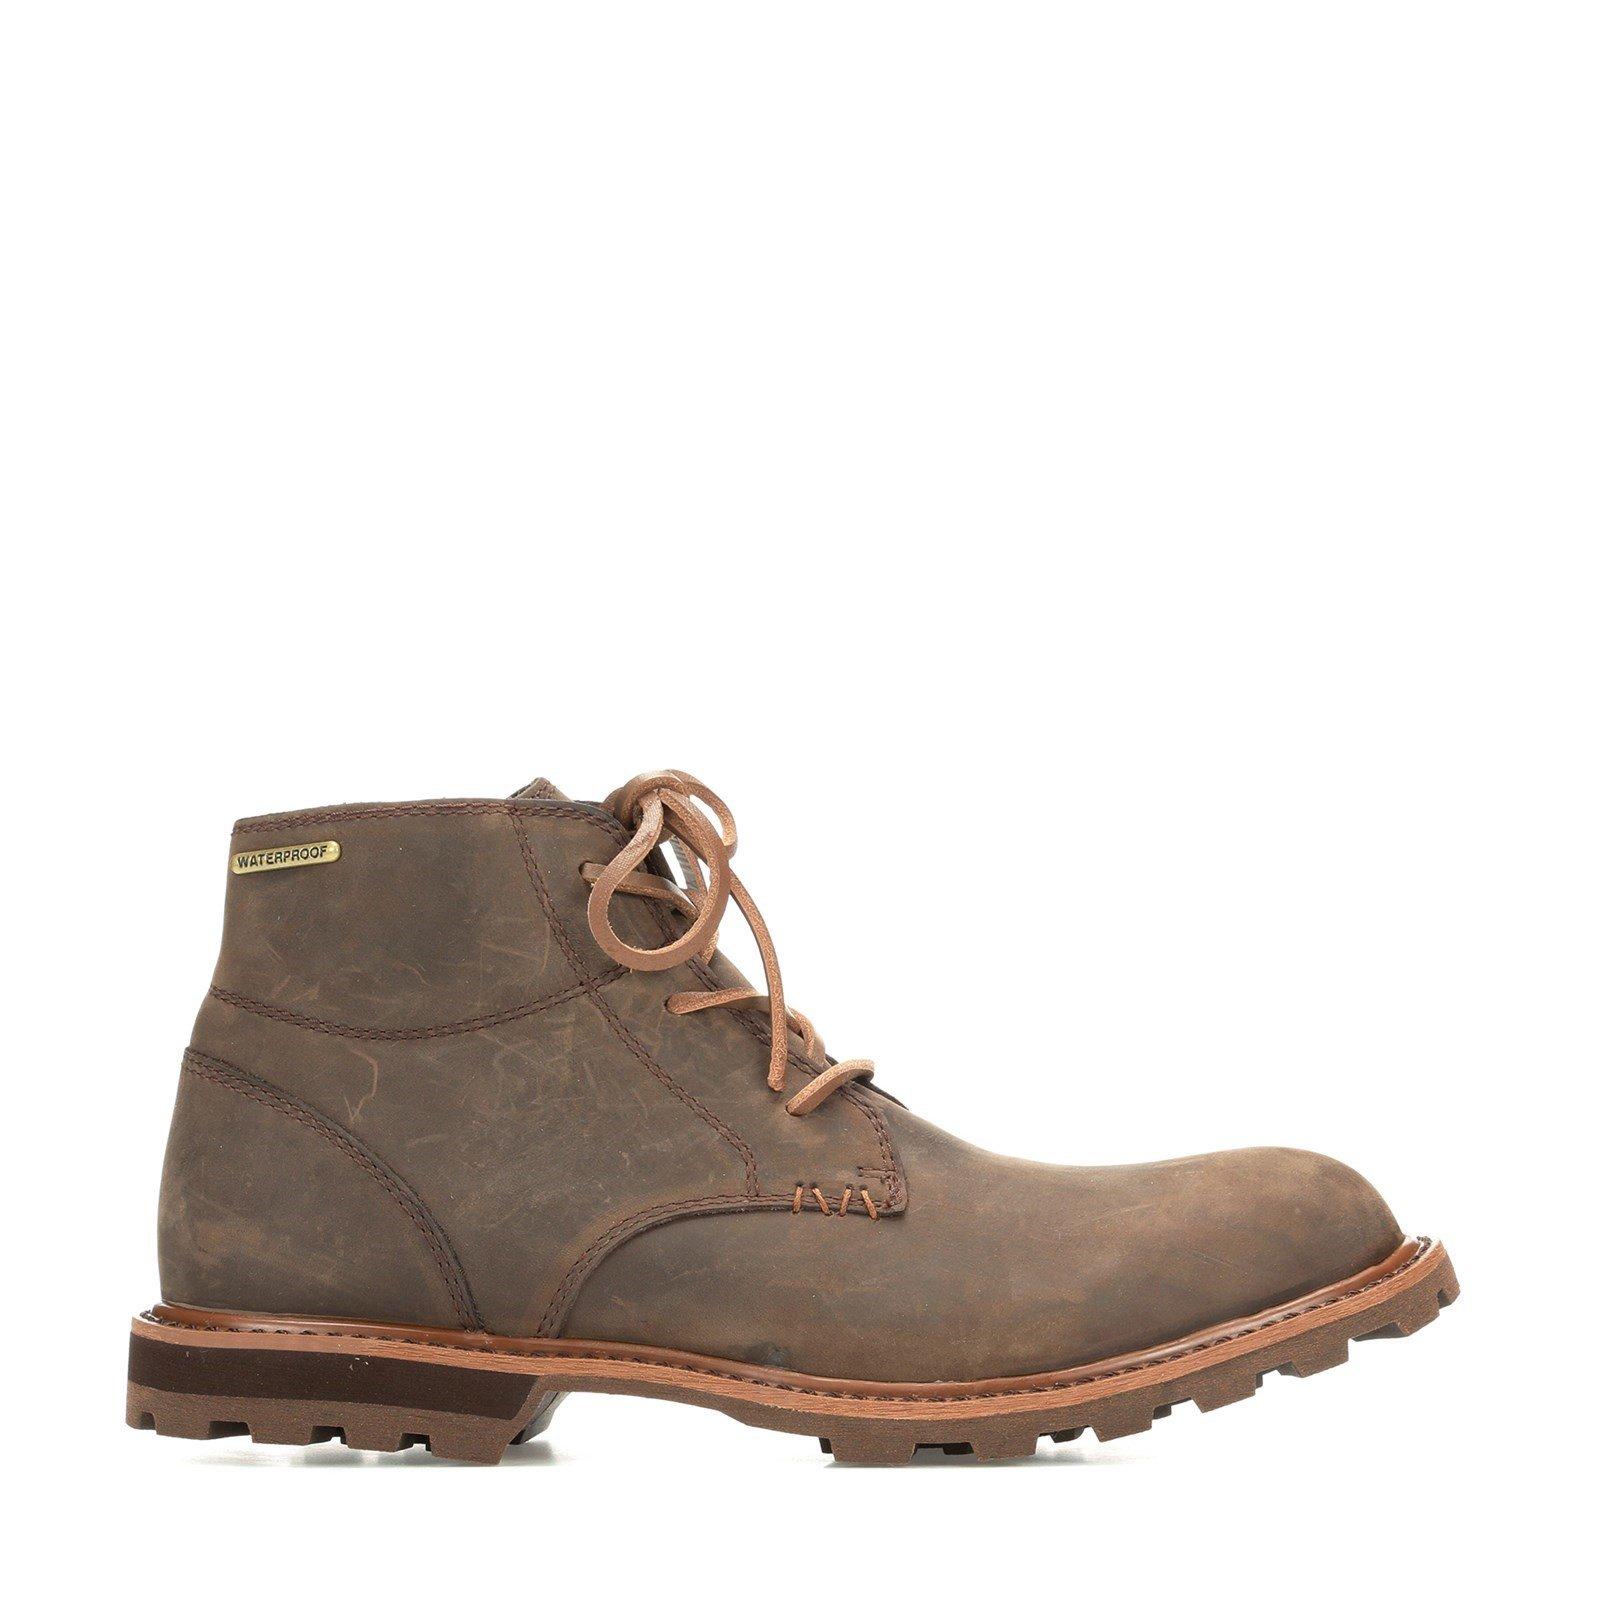 Muck Boots Men's Freeman Boot 31761 - Brown 7